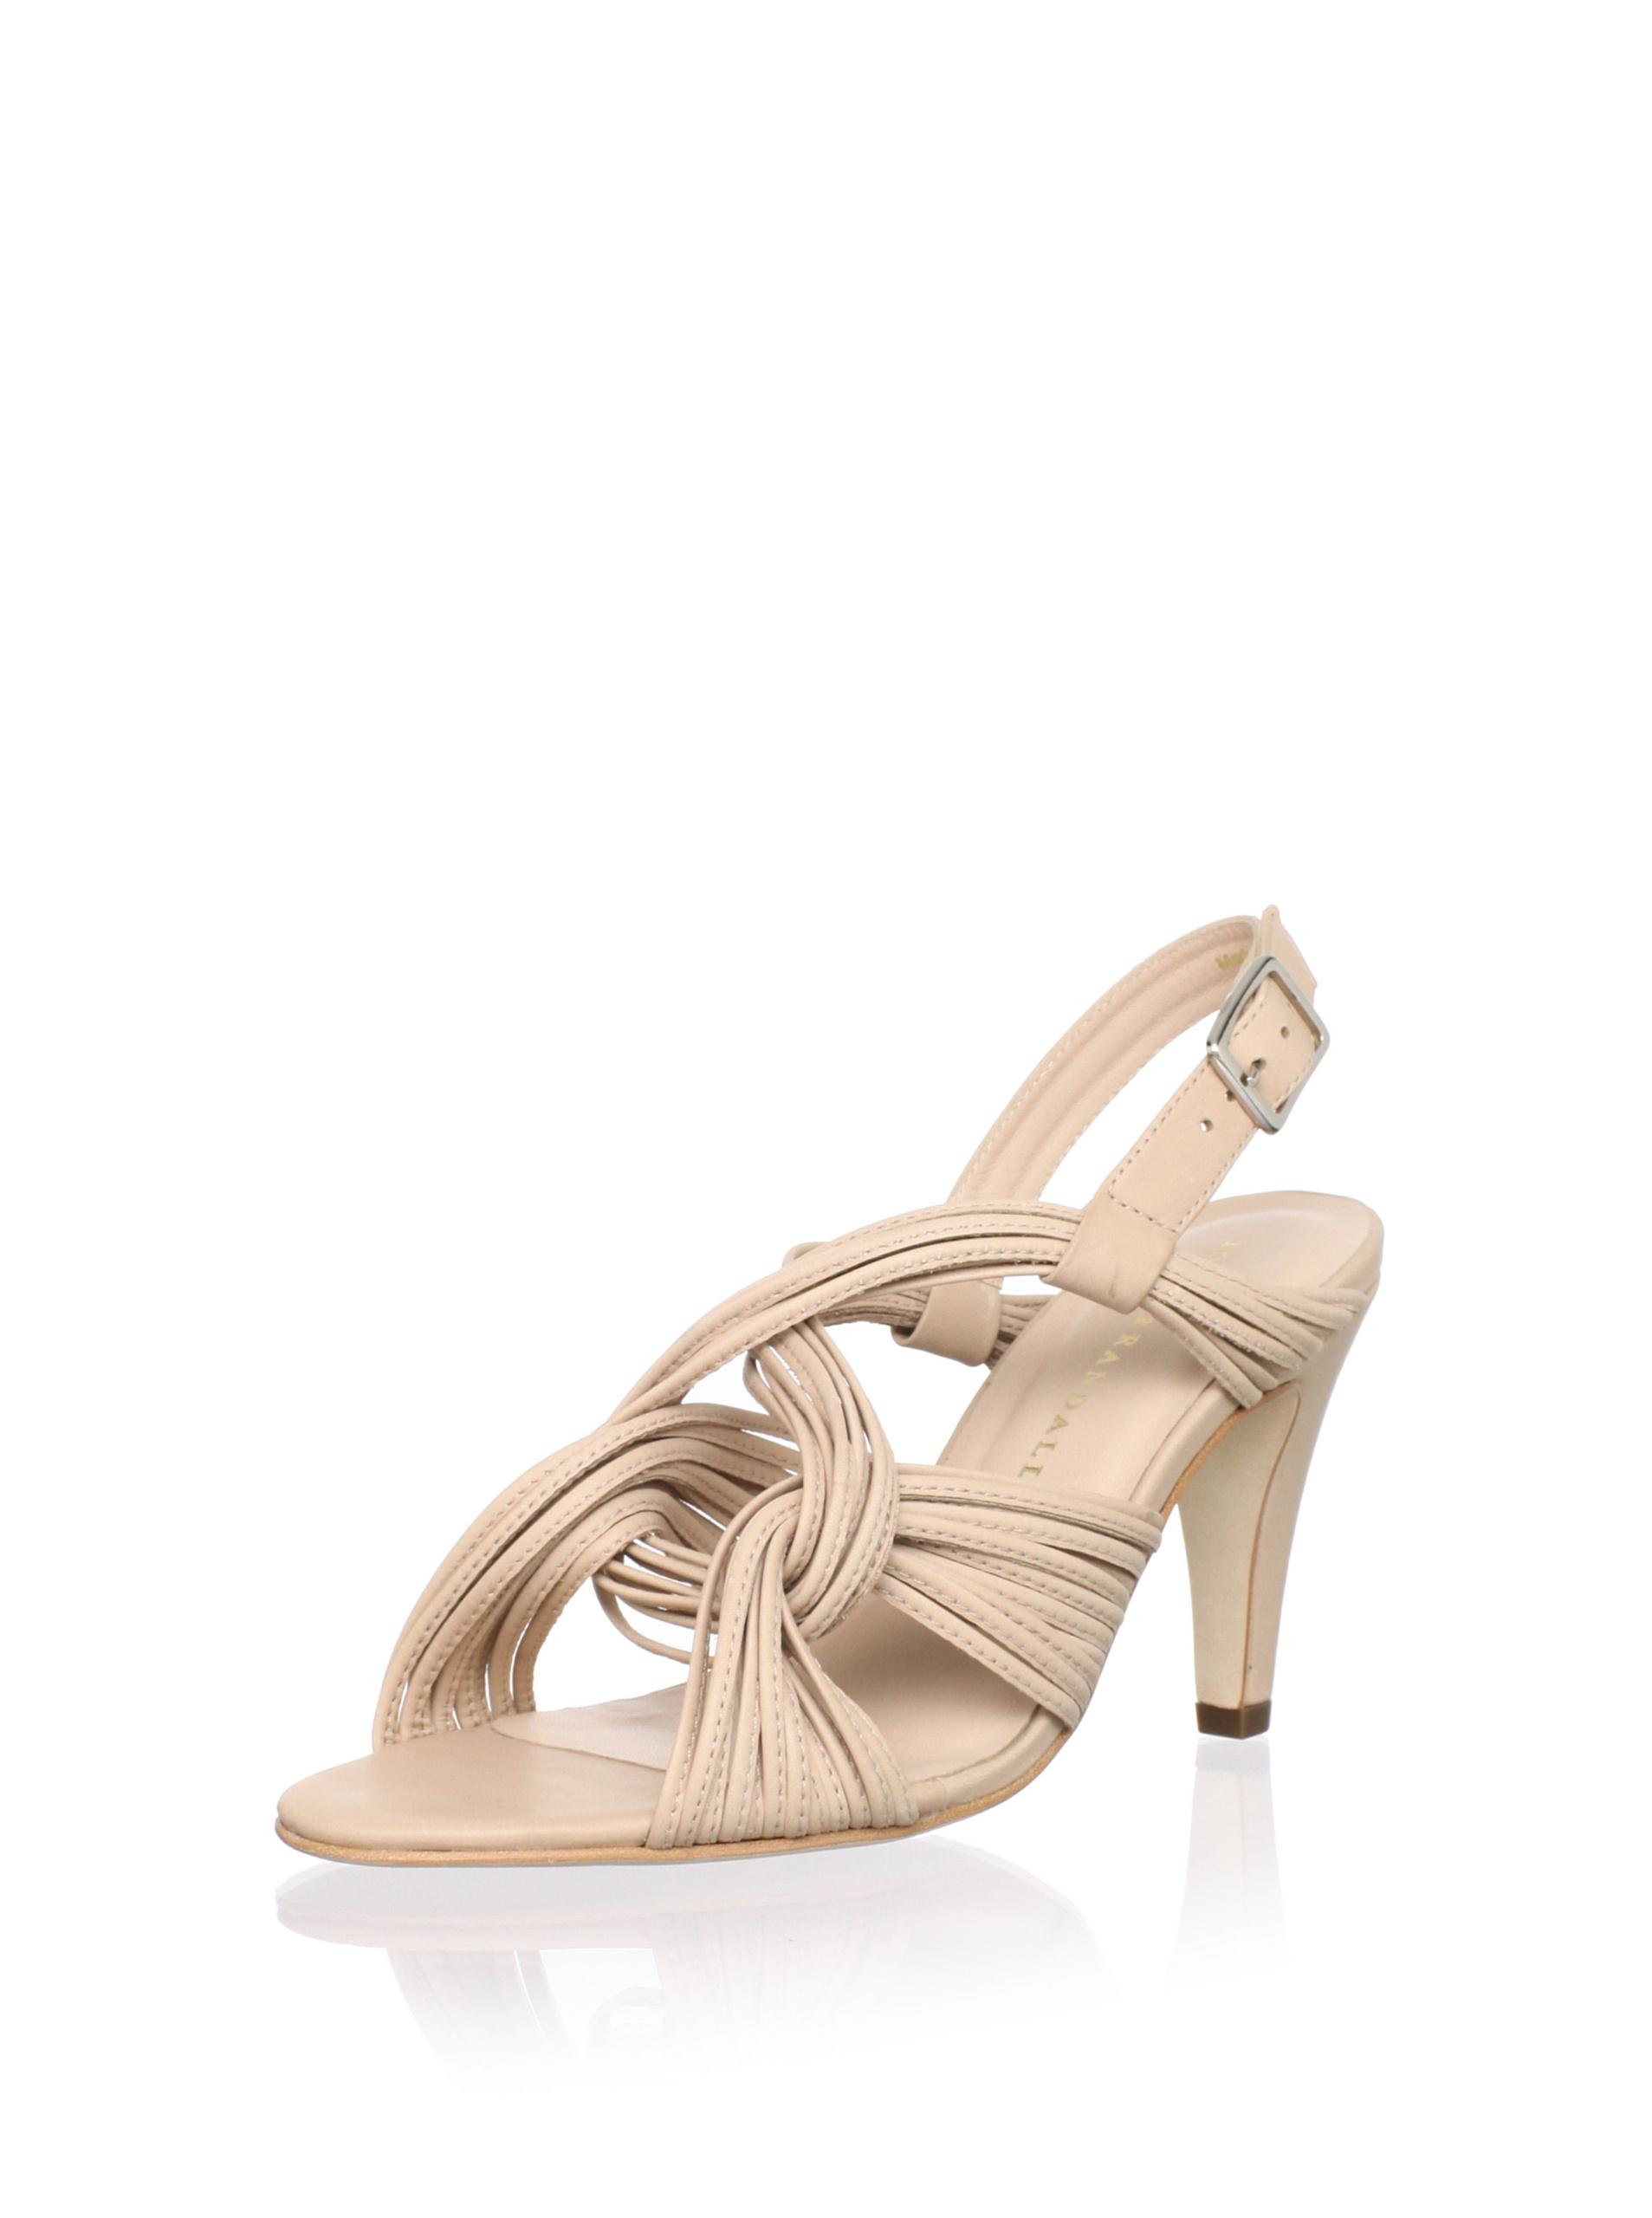 Loeffler Randall Women's Roanne Mignon Mid-Heel Sandal (Nude)